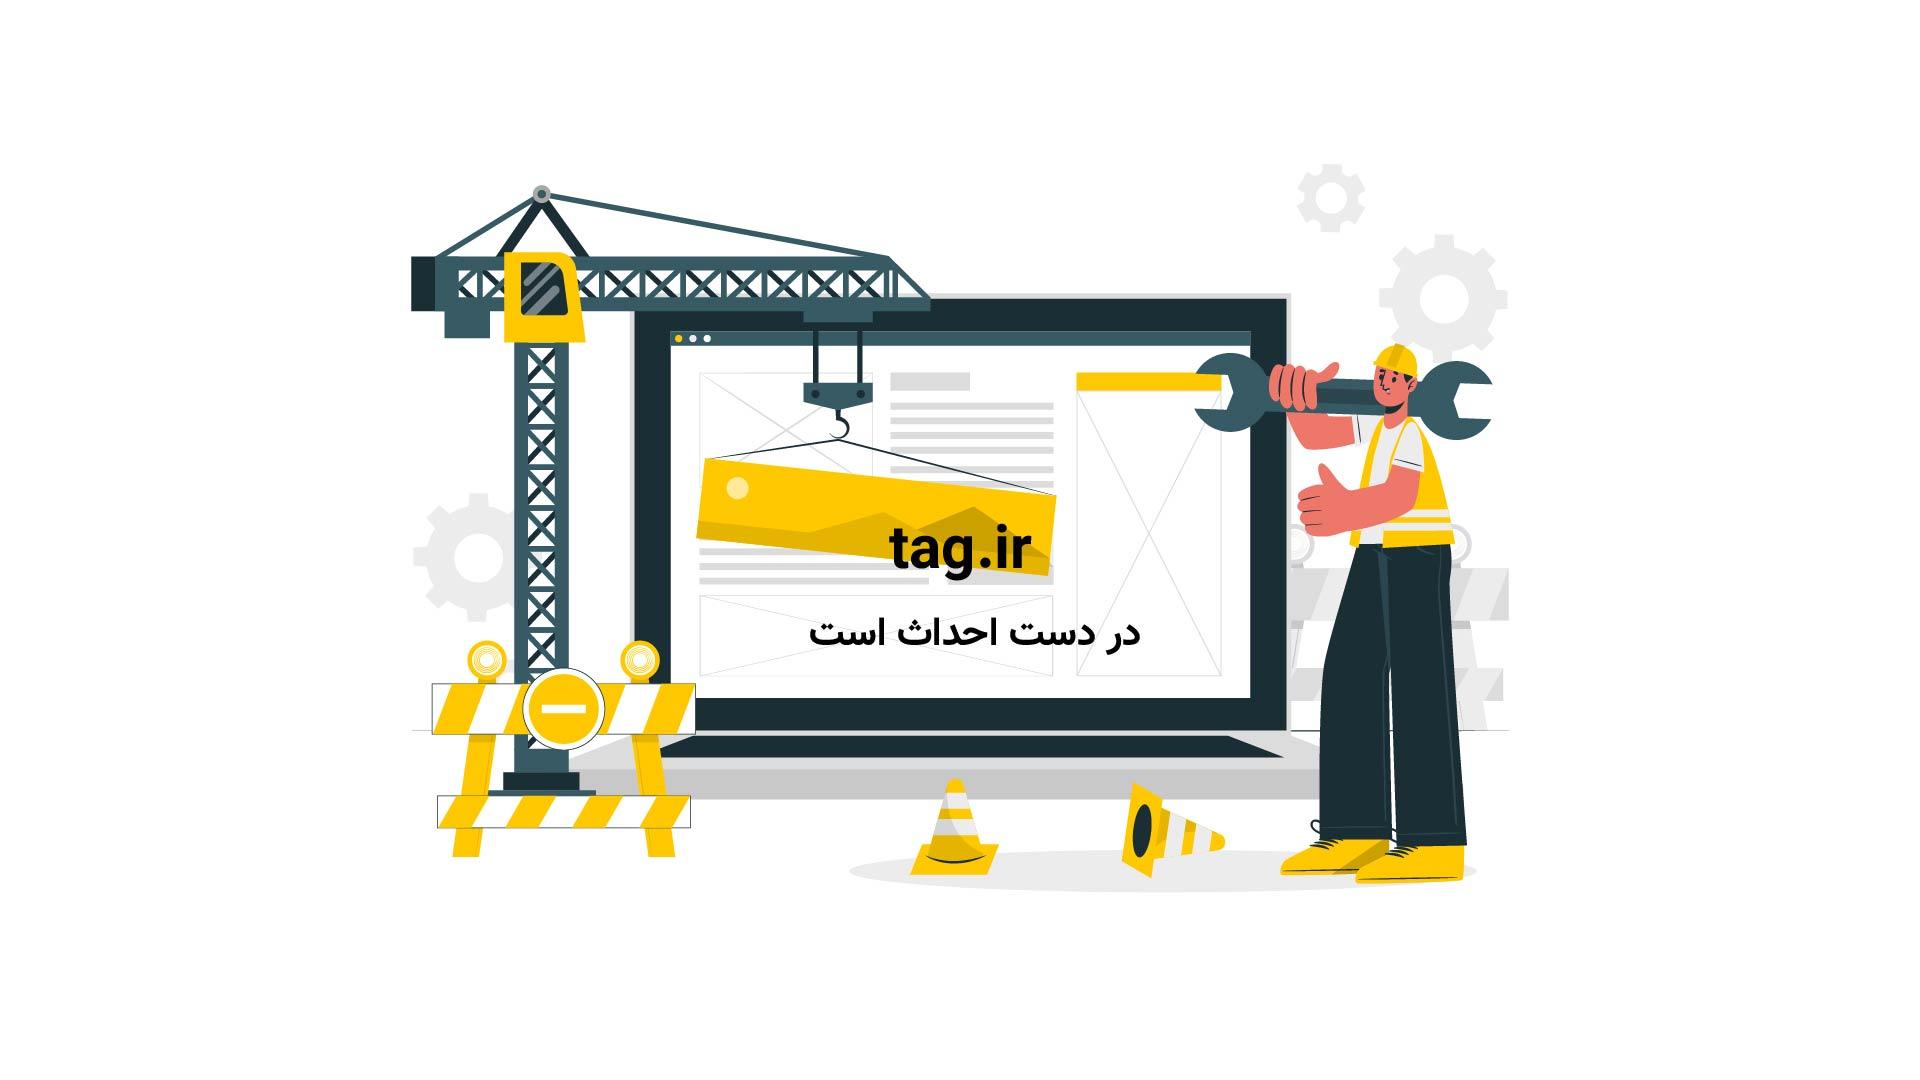 نجات-مرد-عربستانی | تگ